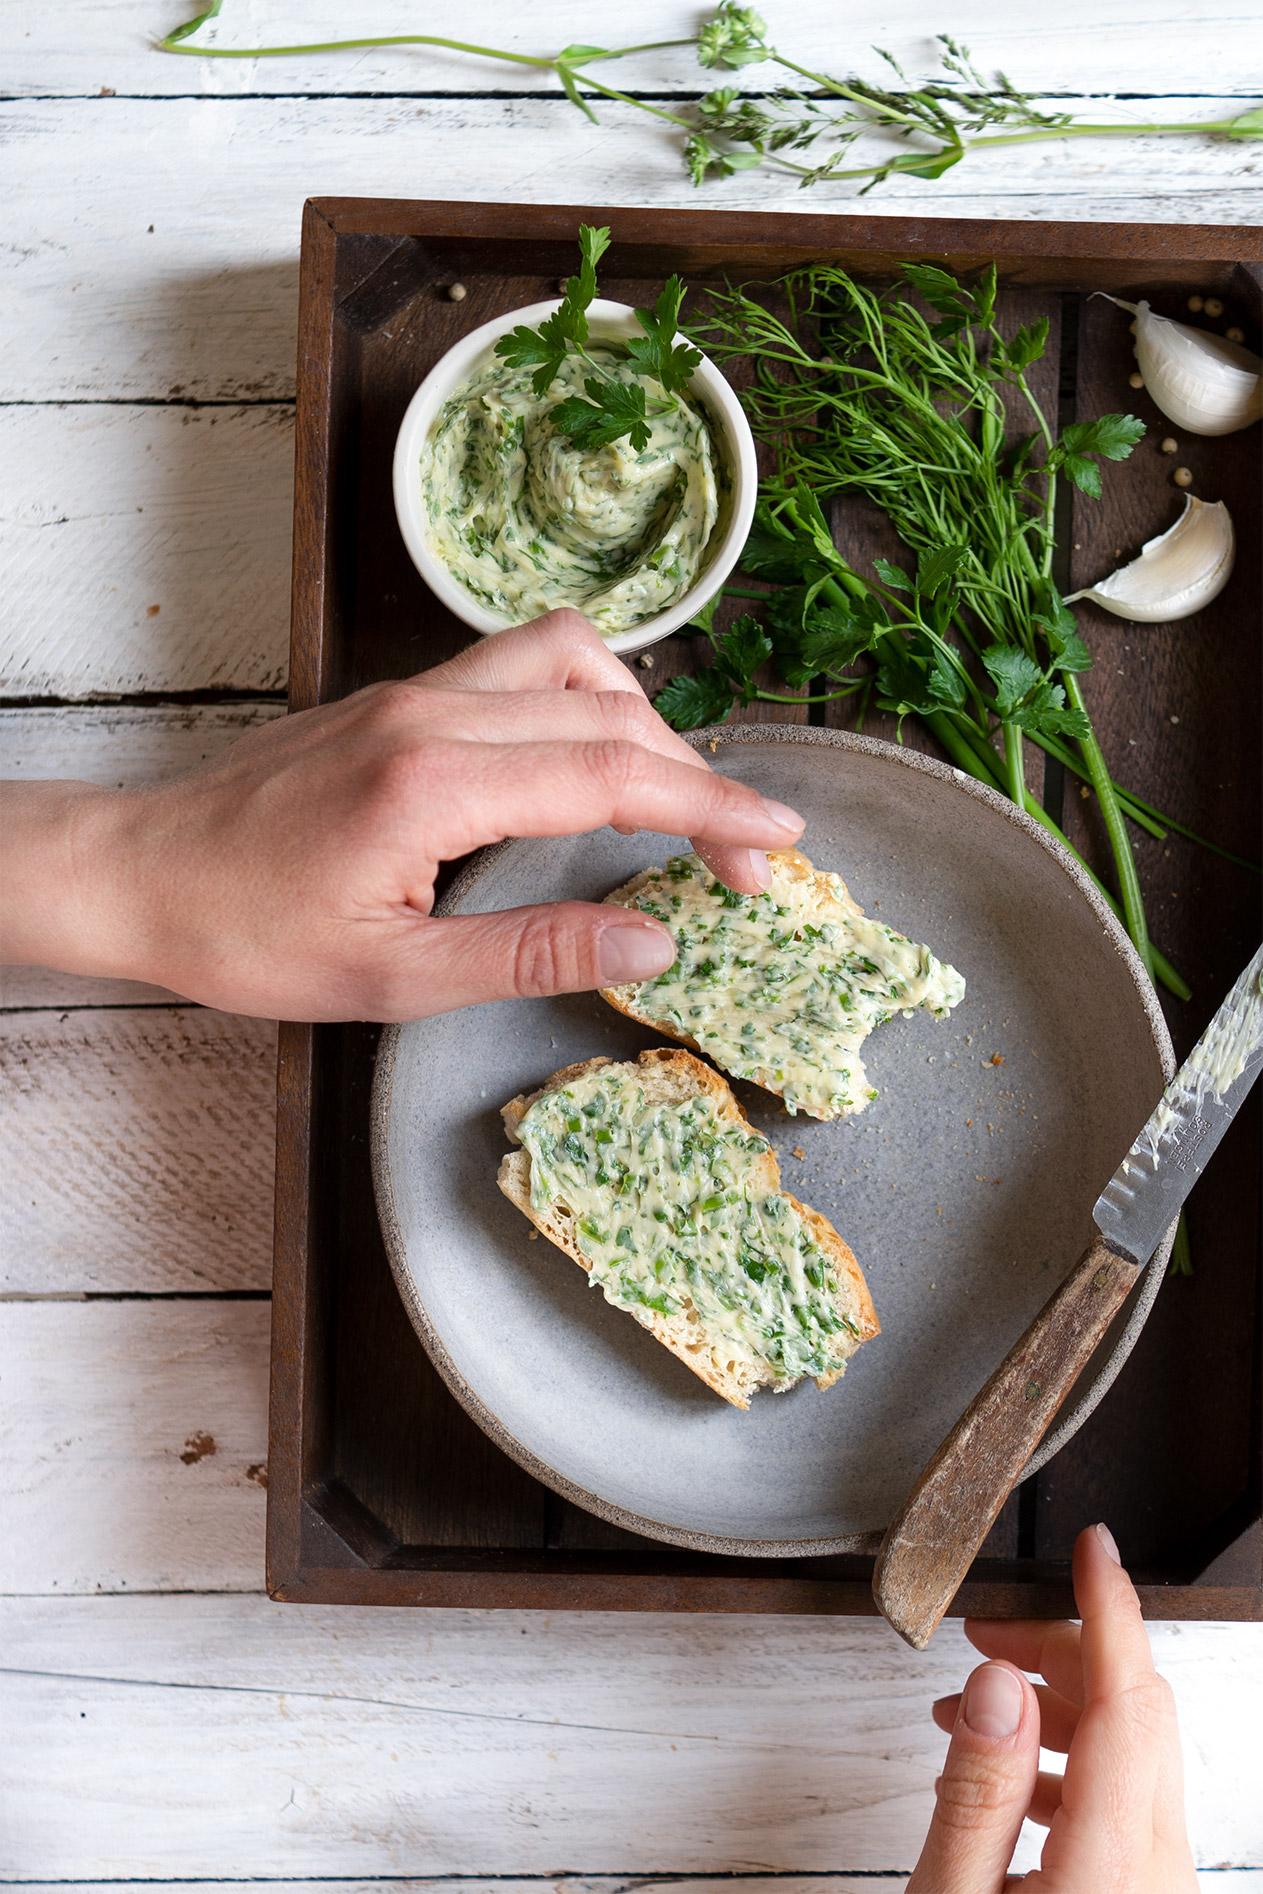 Hände schmieren ein Brot mit Kräuterbutter